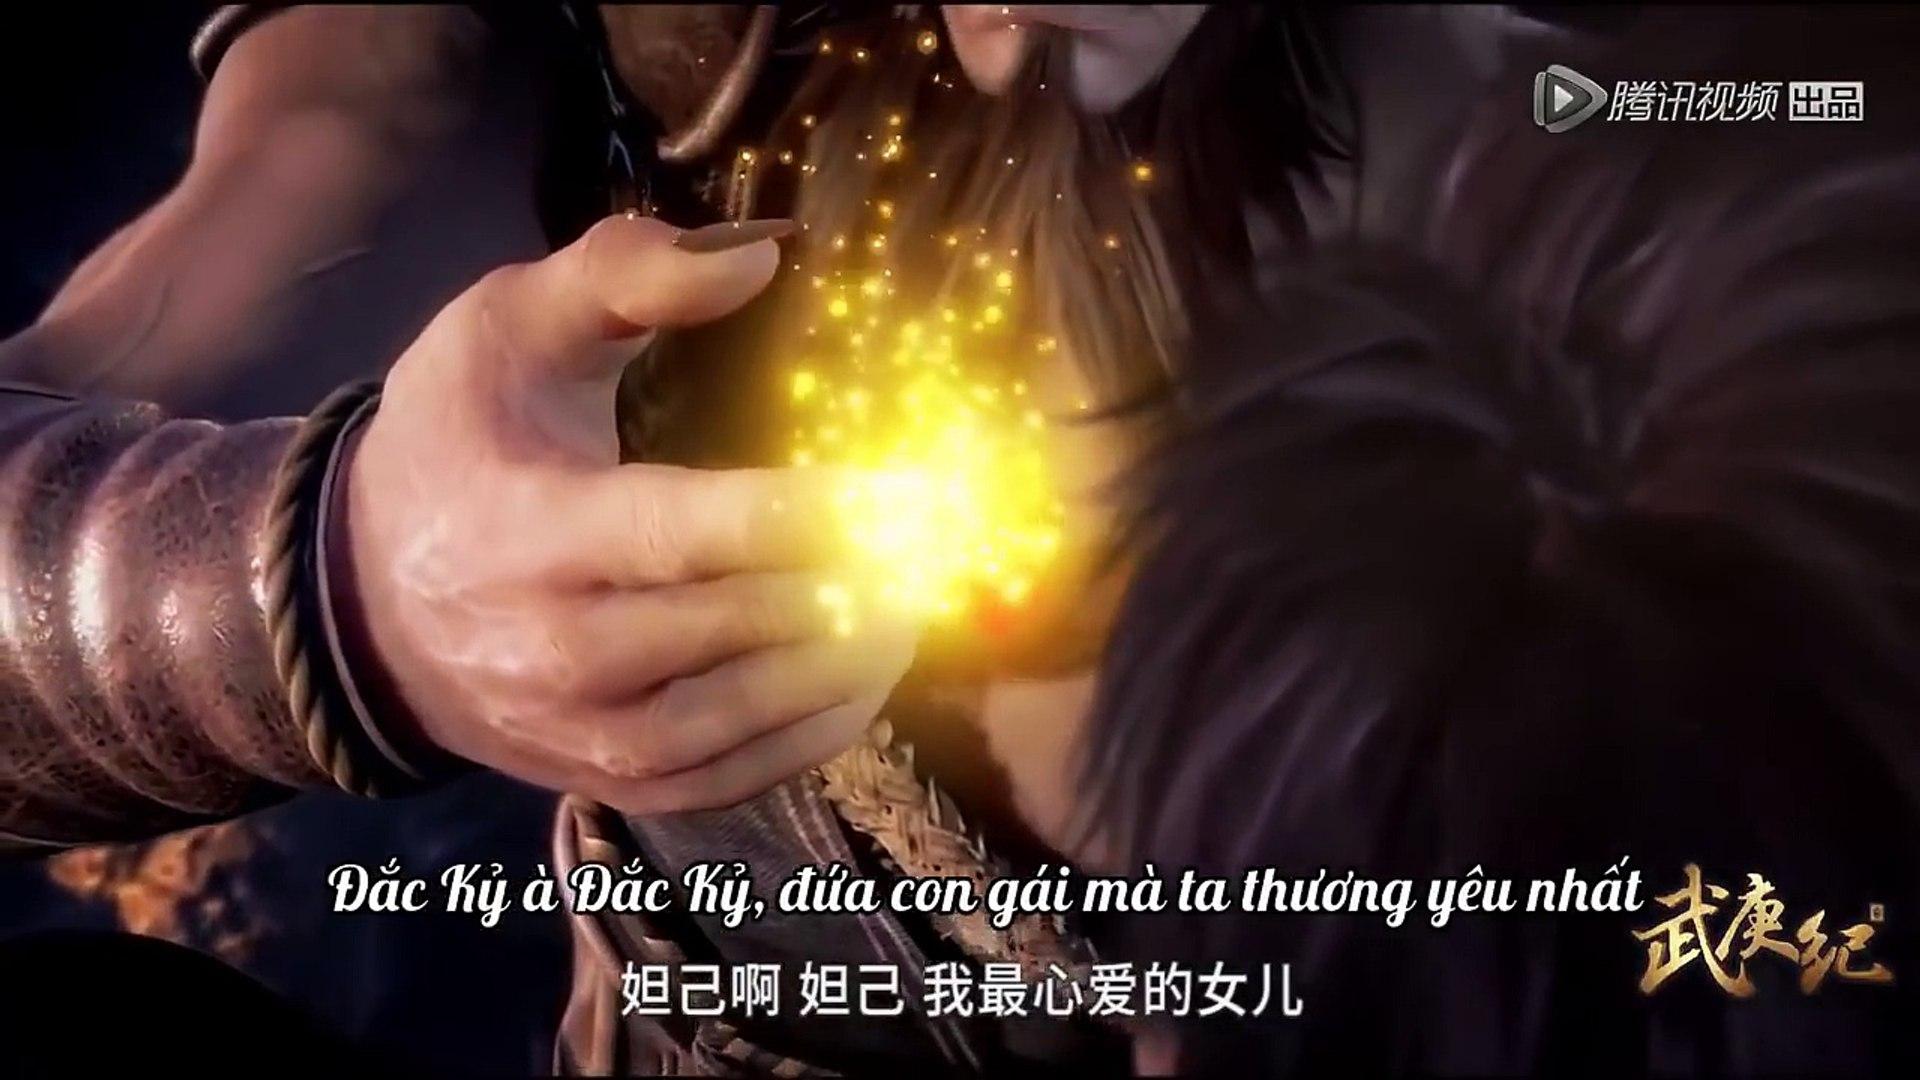 Phim Hoạt Hình Vũ Canh Kỷ phần 1 Tập 16 FULL- Nghịch Thiên Chi Quyết (2016) Wu Geng Ji | Phim Hoạt H